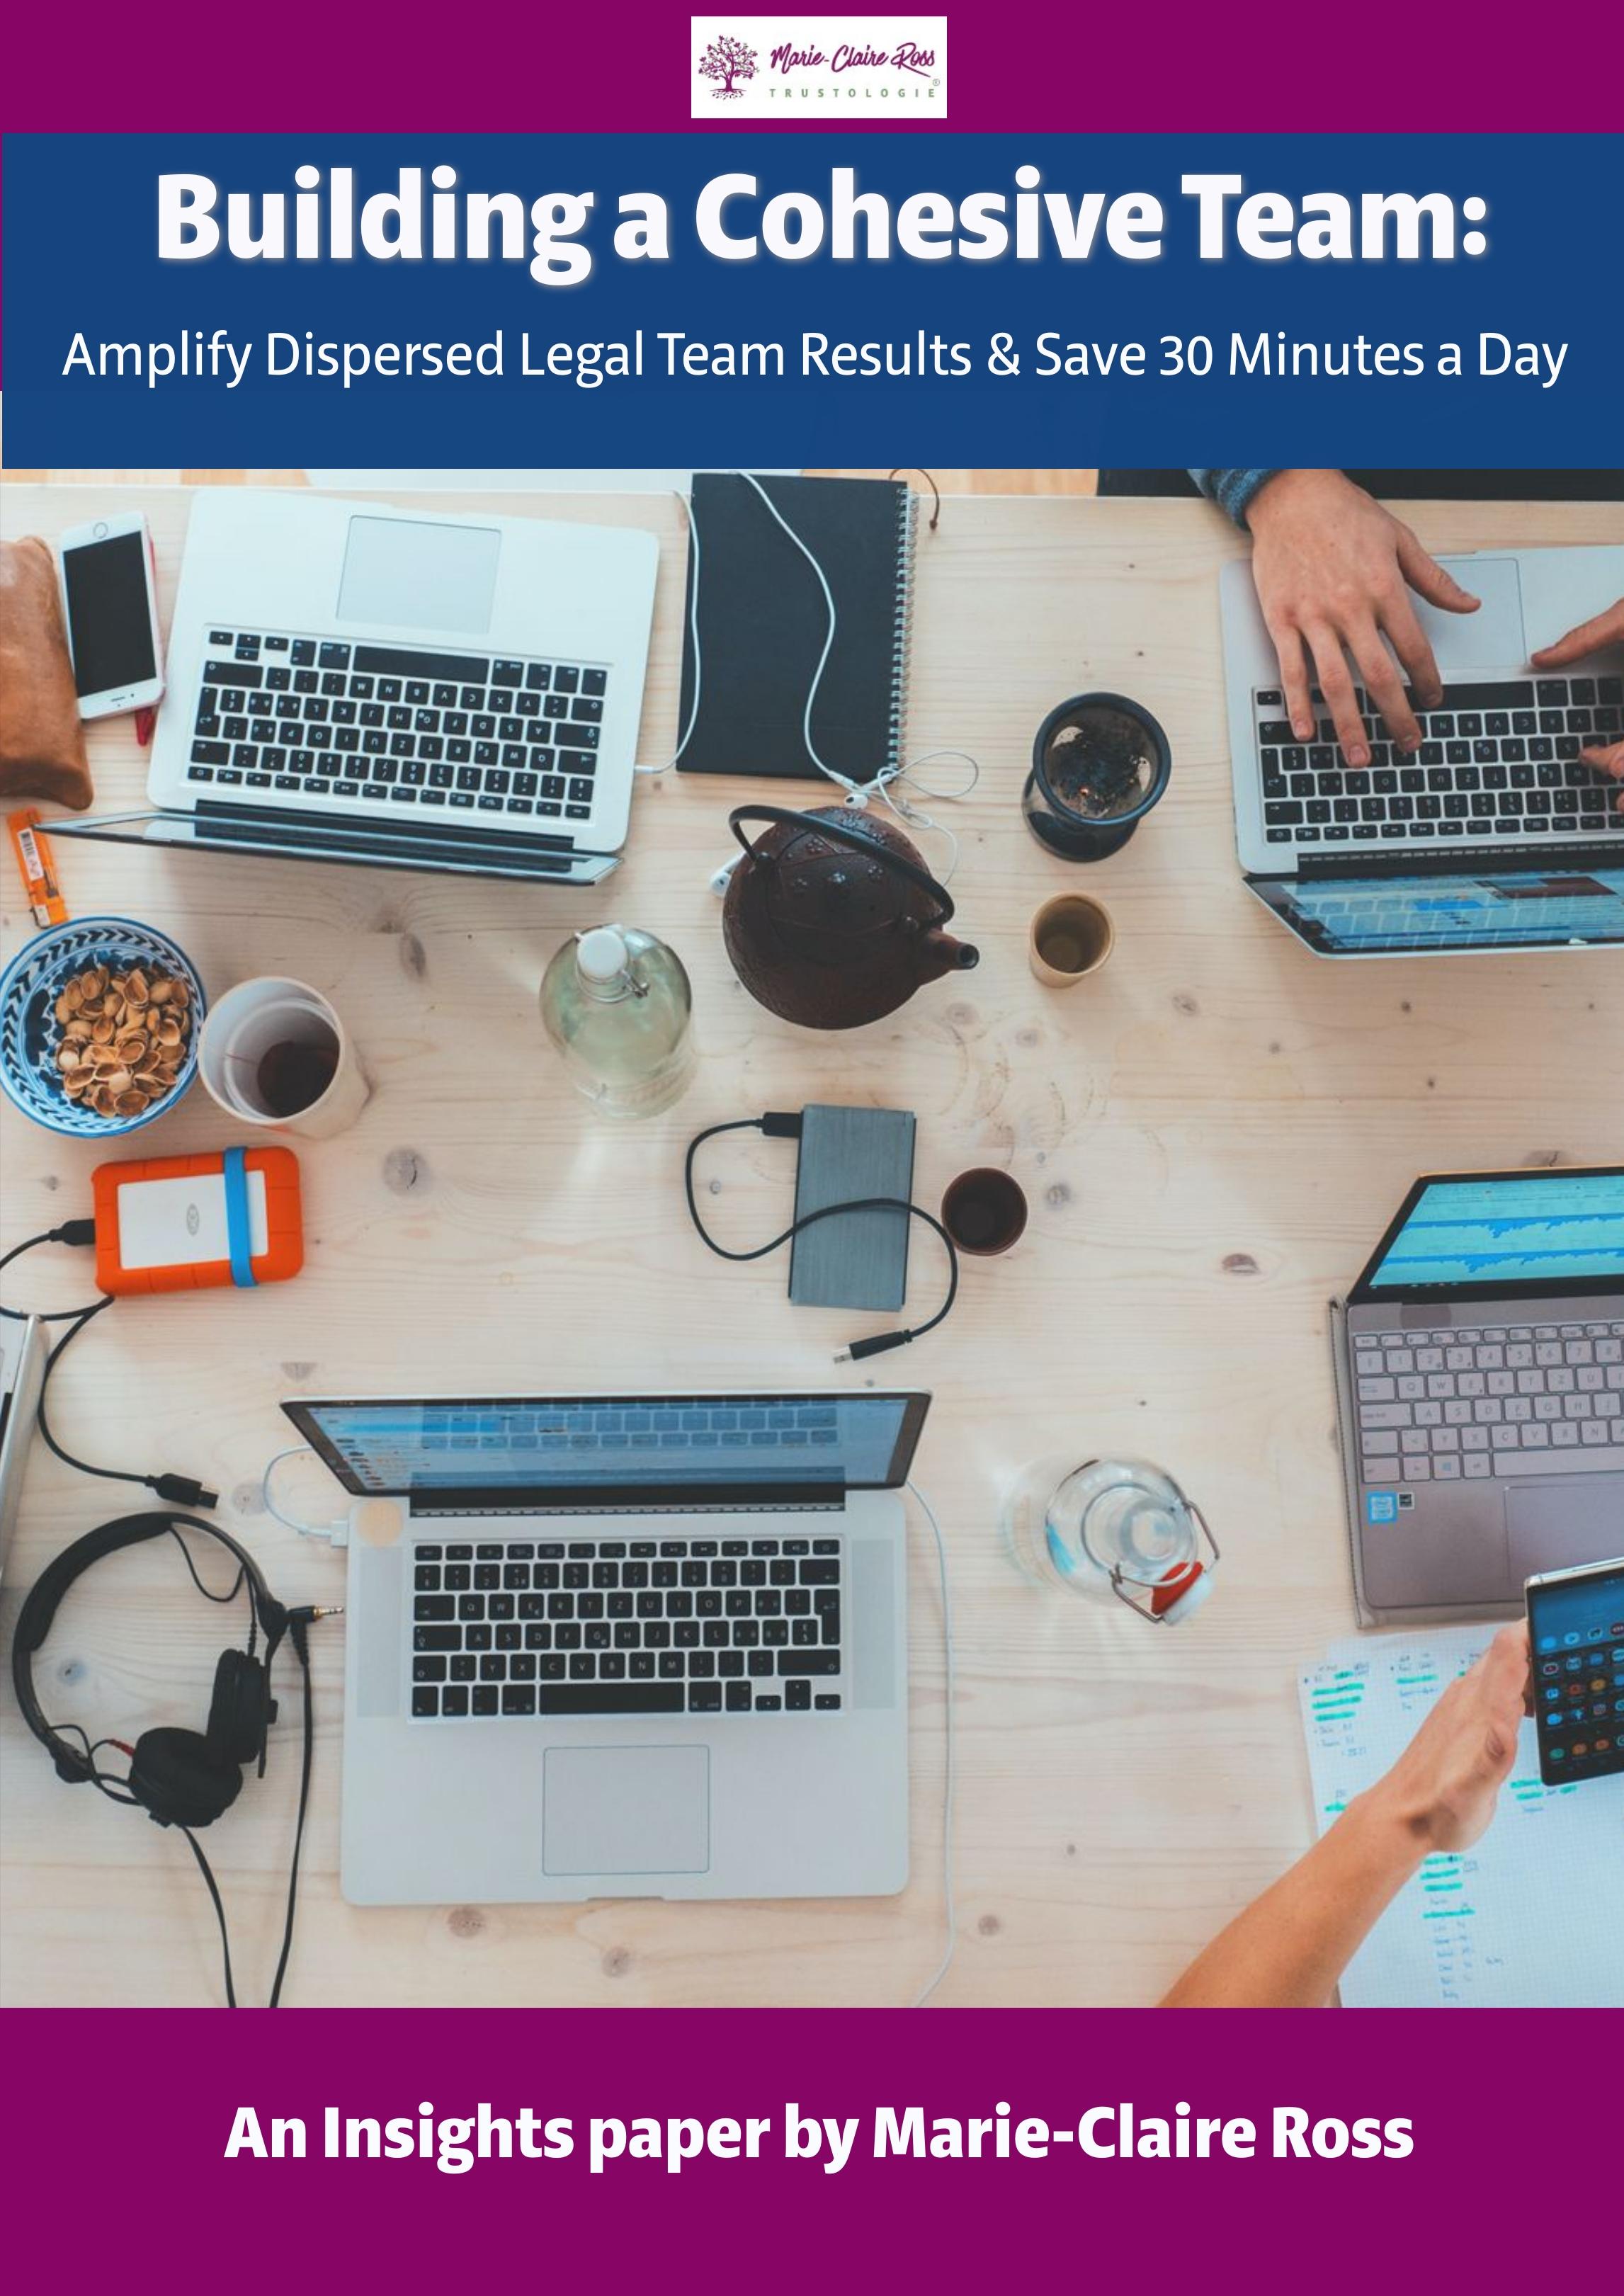 Building a cohesive legal team